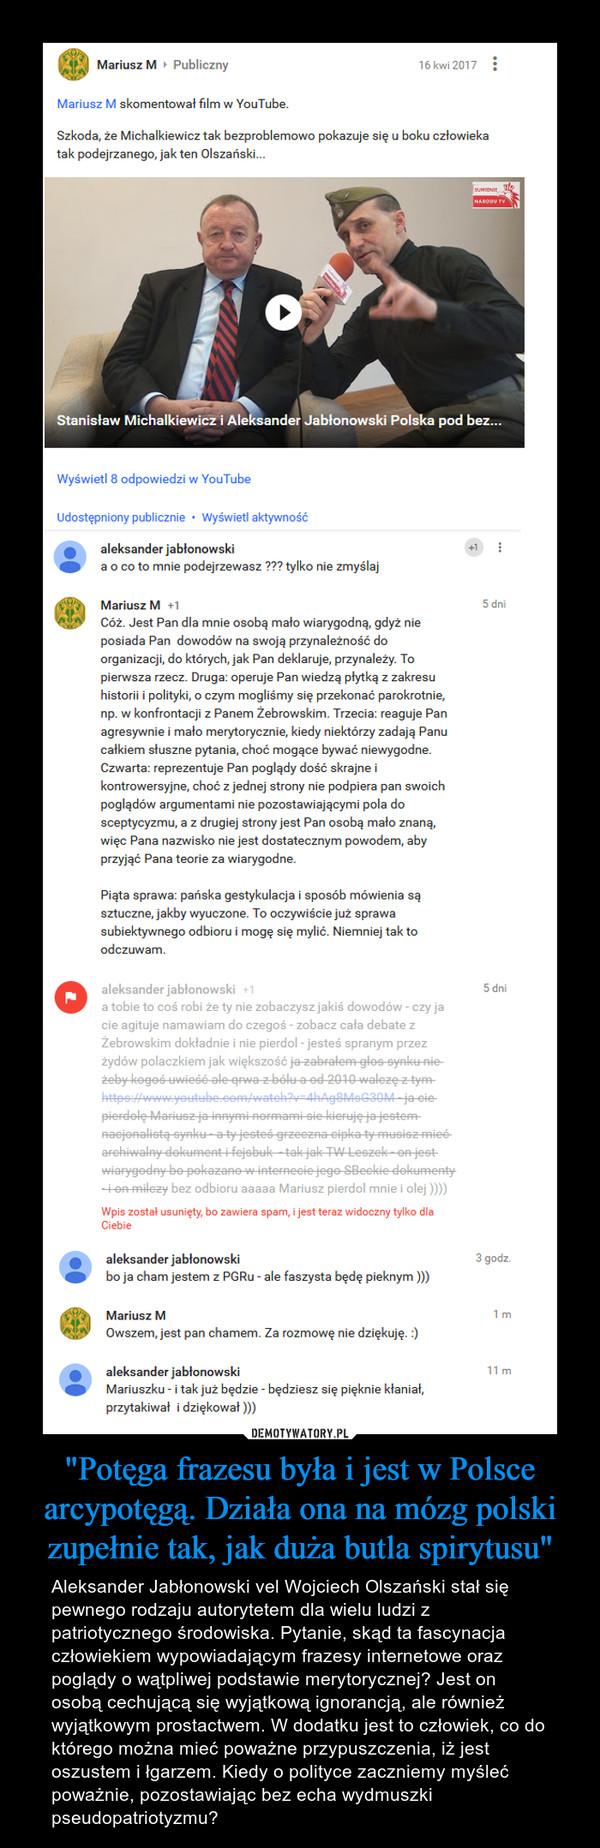 """""""Potęga frazesu była i jest w Polsce arcypotęgą. Działa ona na mózg polski zupełnie tak, jak duża butla spirytusu"""" – Aleksander Jabłonowski vel Wojciech Olszański stał się pewnego rodzaju autorytetem dla wielu ludzi z patriotycznego środowiska. Pytanie, skąd ta fascynacja człowiekiem wypowiadającym frazesy internetowe oraz poglądy o wątpliwej podstawie merytorycznej? Jest on osobą cechującą się wyjątkową ignorancją, ale również wyjątkowym prostactwem. W dodatku jest to człowiek, co do którego można mieć poważne przypuszczenia, iż jest oszustem i łgarzem. Kiedy o polityce zaczniemy myśleć poważnie, pozostawiając bez echa wydmuszki pseudopatriotyzmu?"""